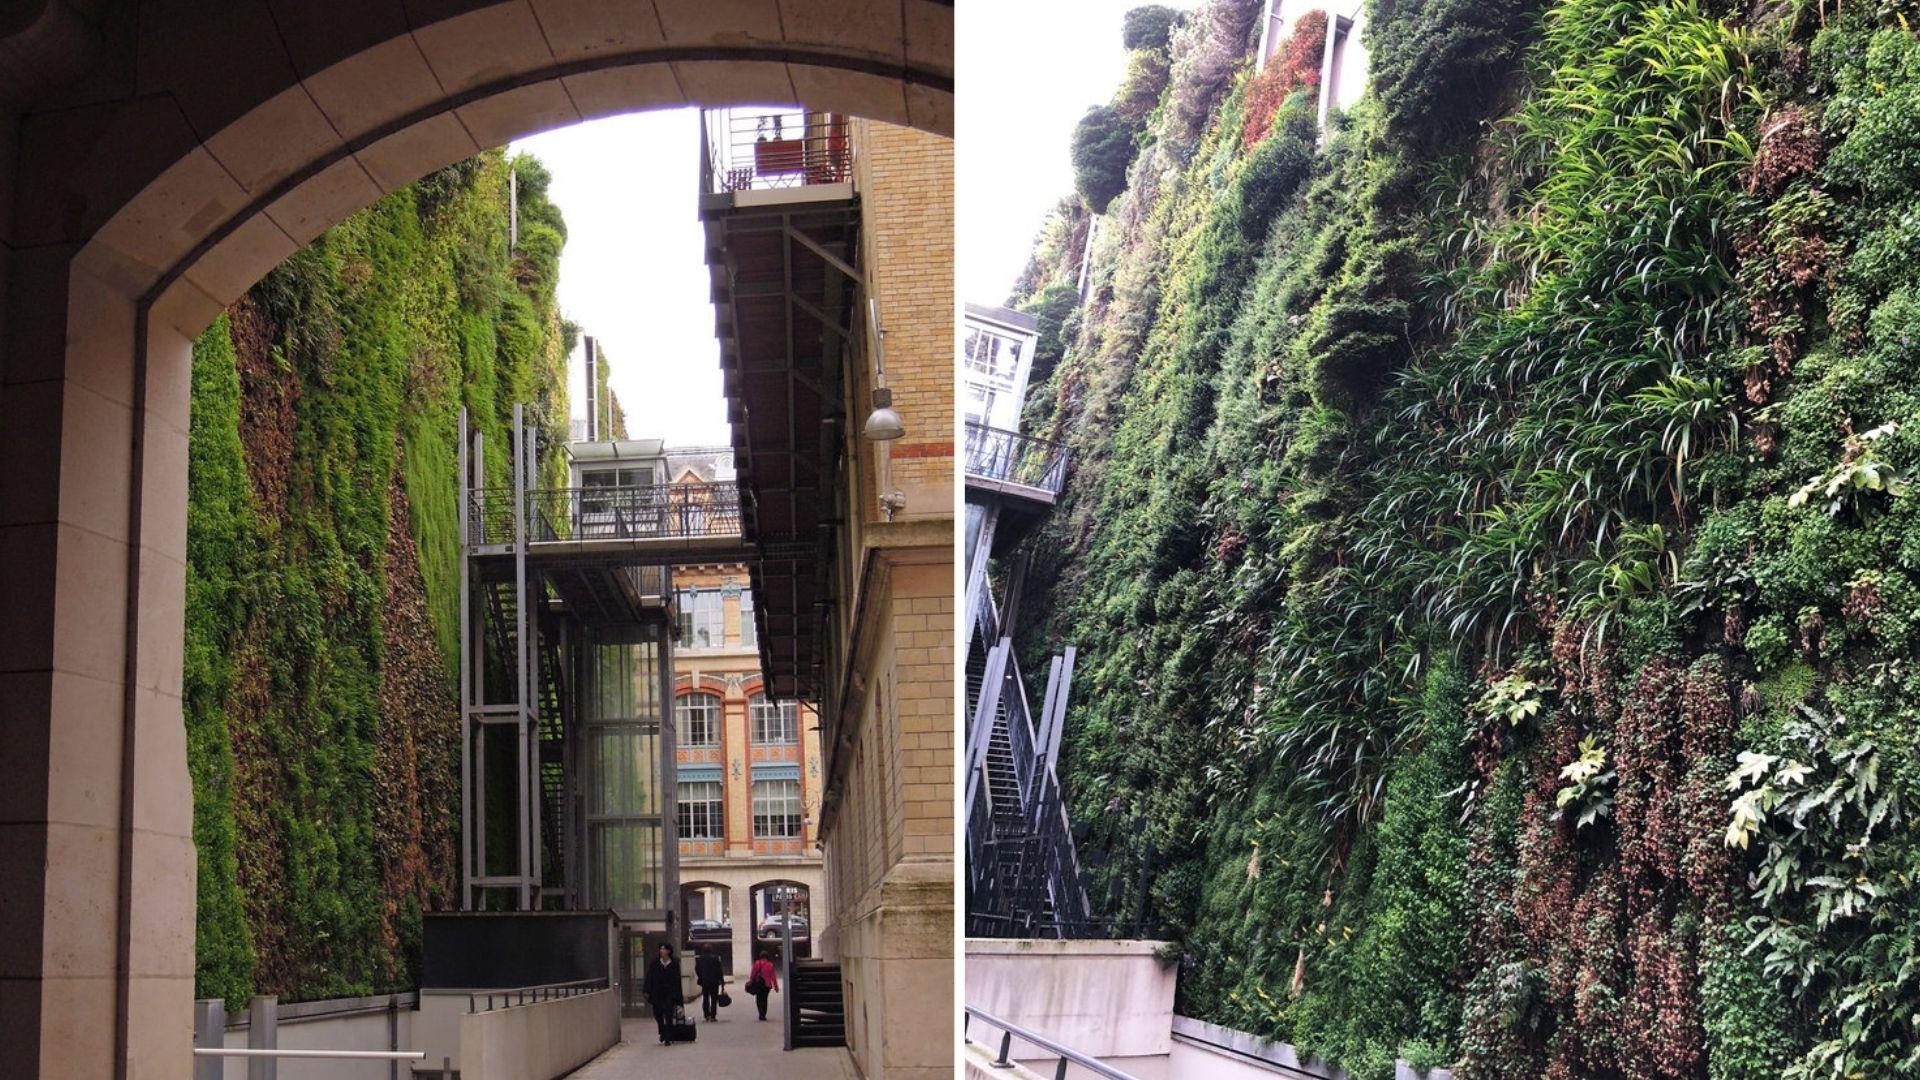 mur végétal rue d'alsace paris plus grand nature gare nord est patrick blanc